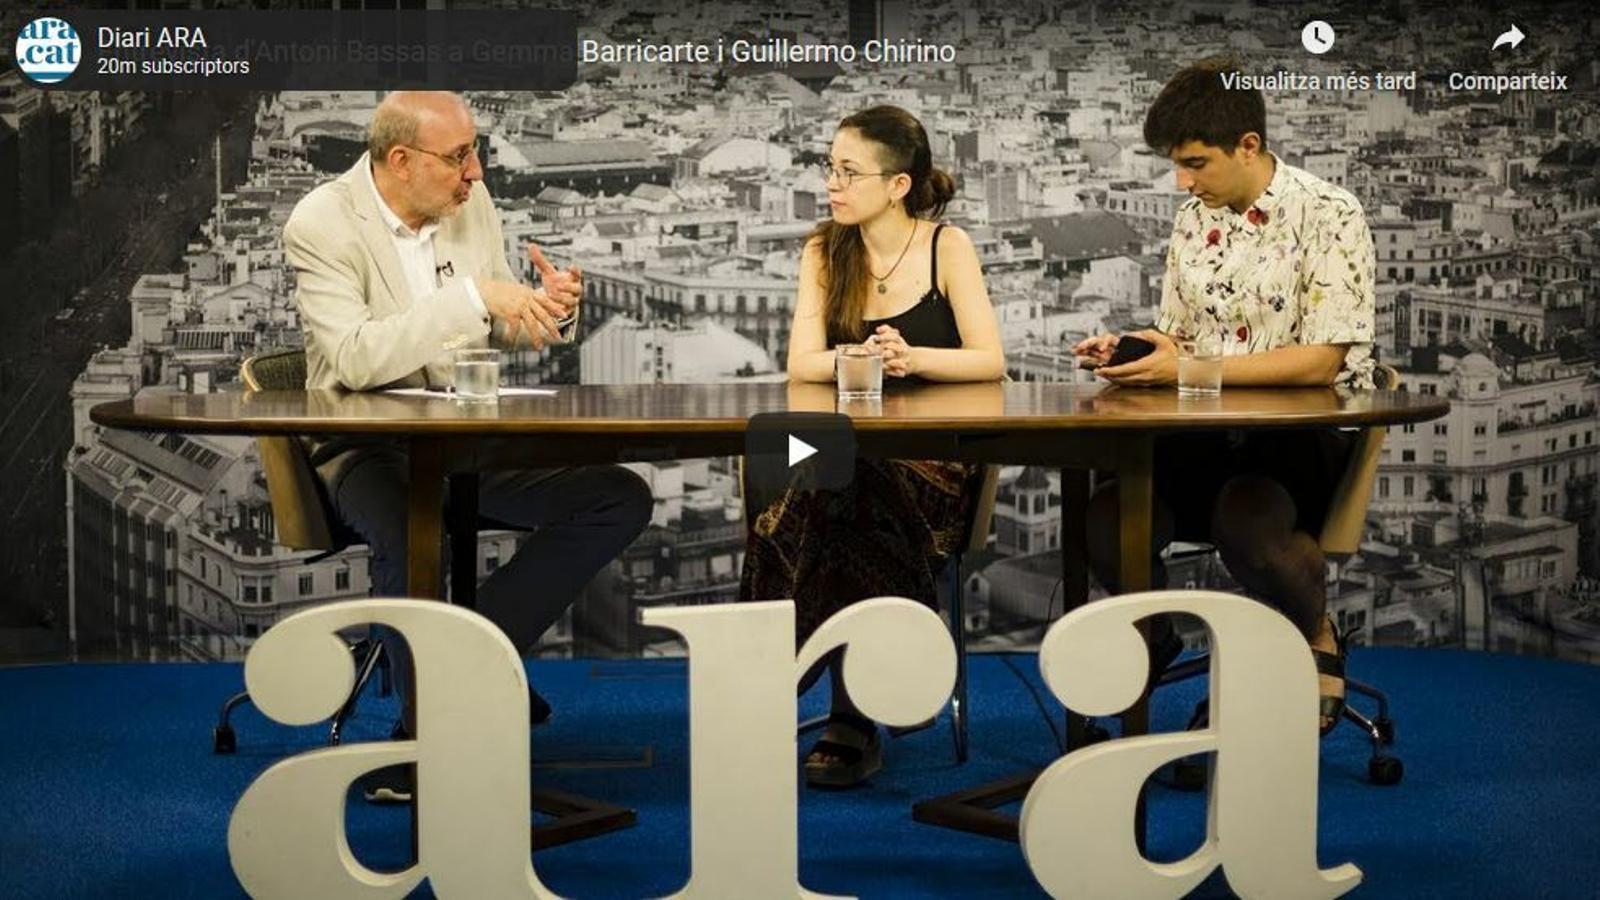 Entrevista d'Antoni Bassas a Gemma Barricarte i Guillermo Chirino de Fridays for Future